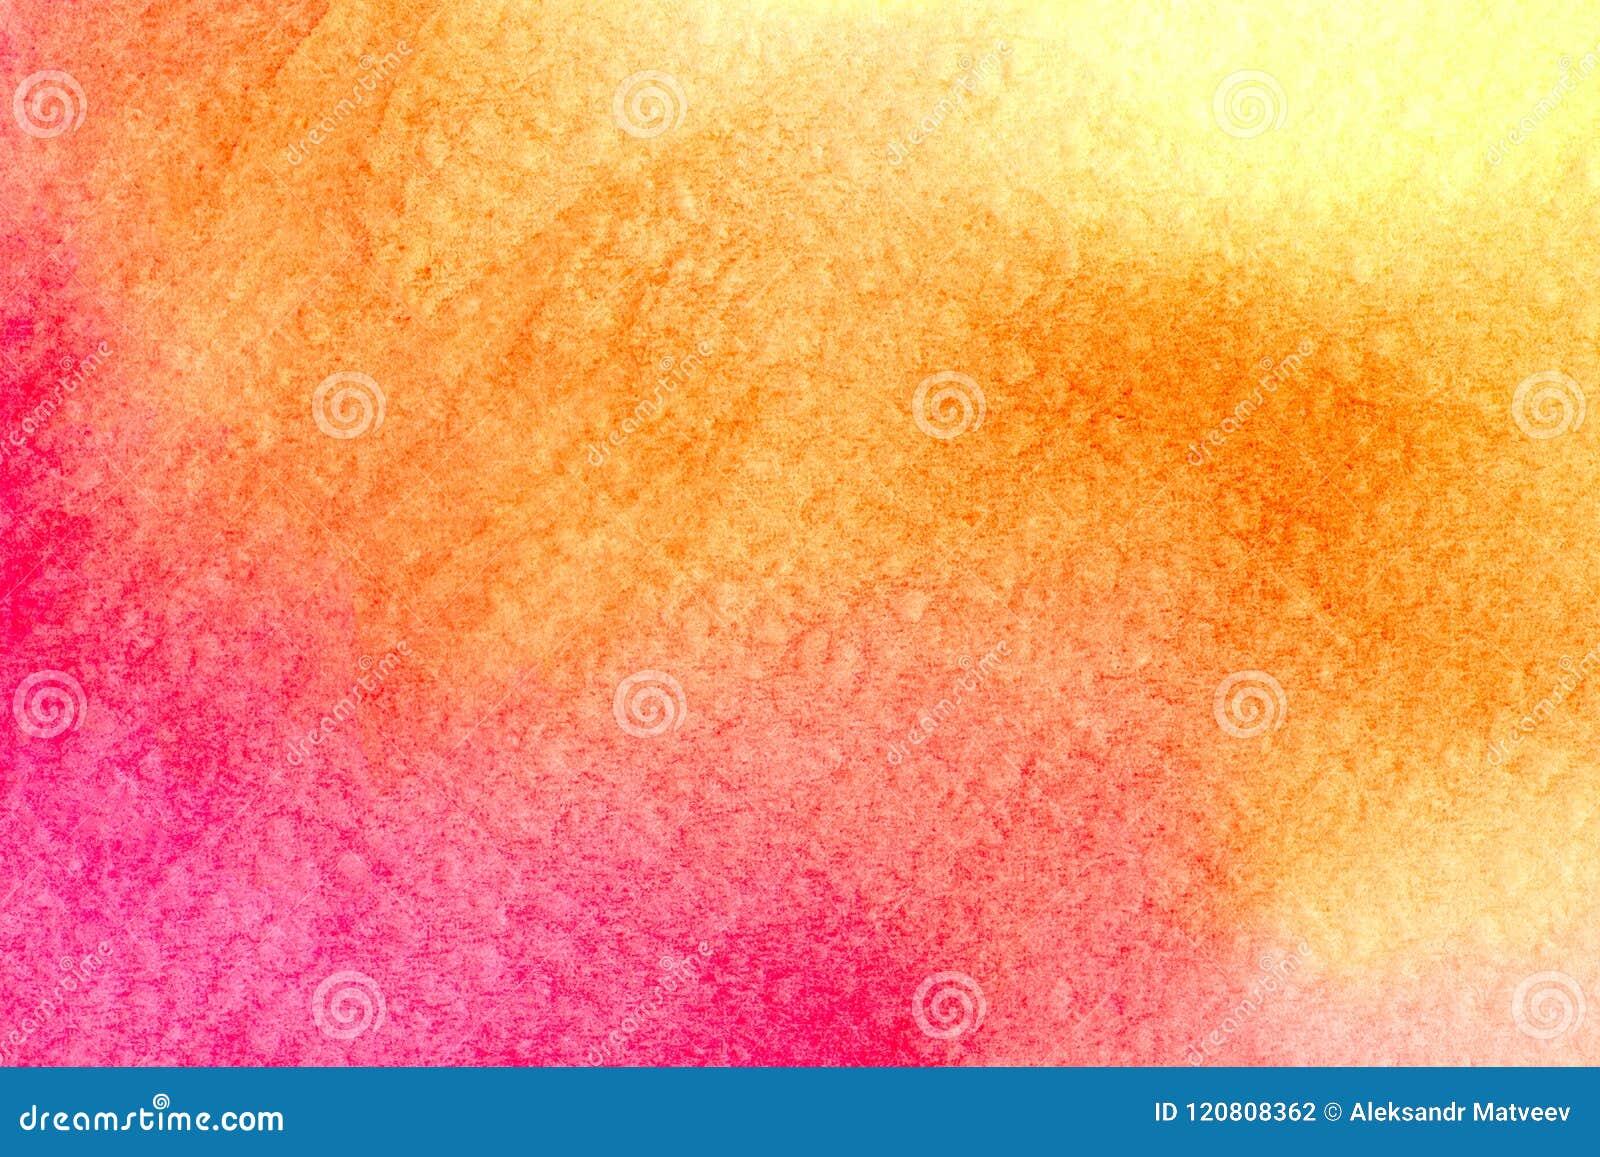 Schöner Aquarellhintergrund im vibrierenden orange rosaroten Gelb Groß für Beschaffenheiten und Hintergründe für Ihre Projekte un